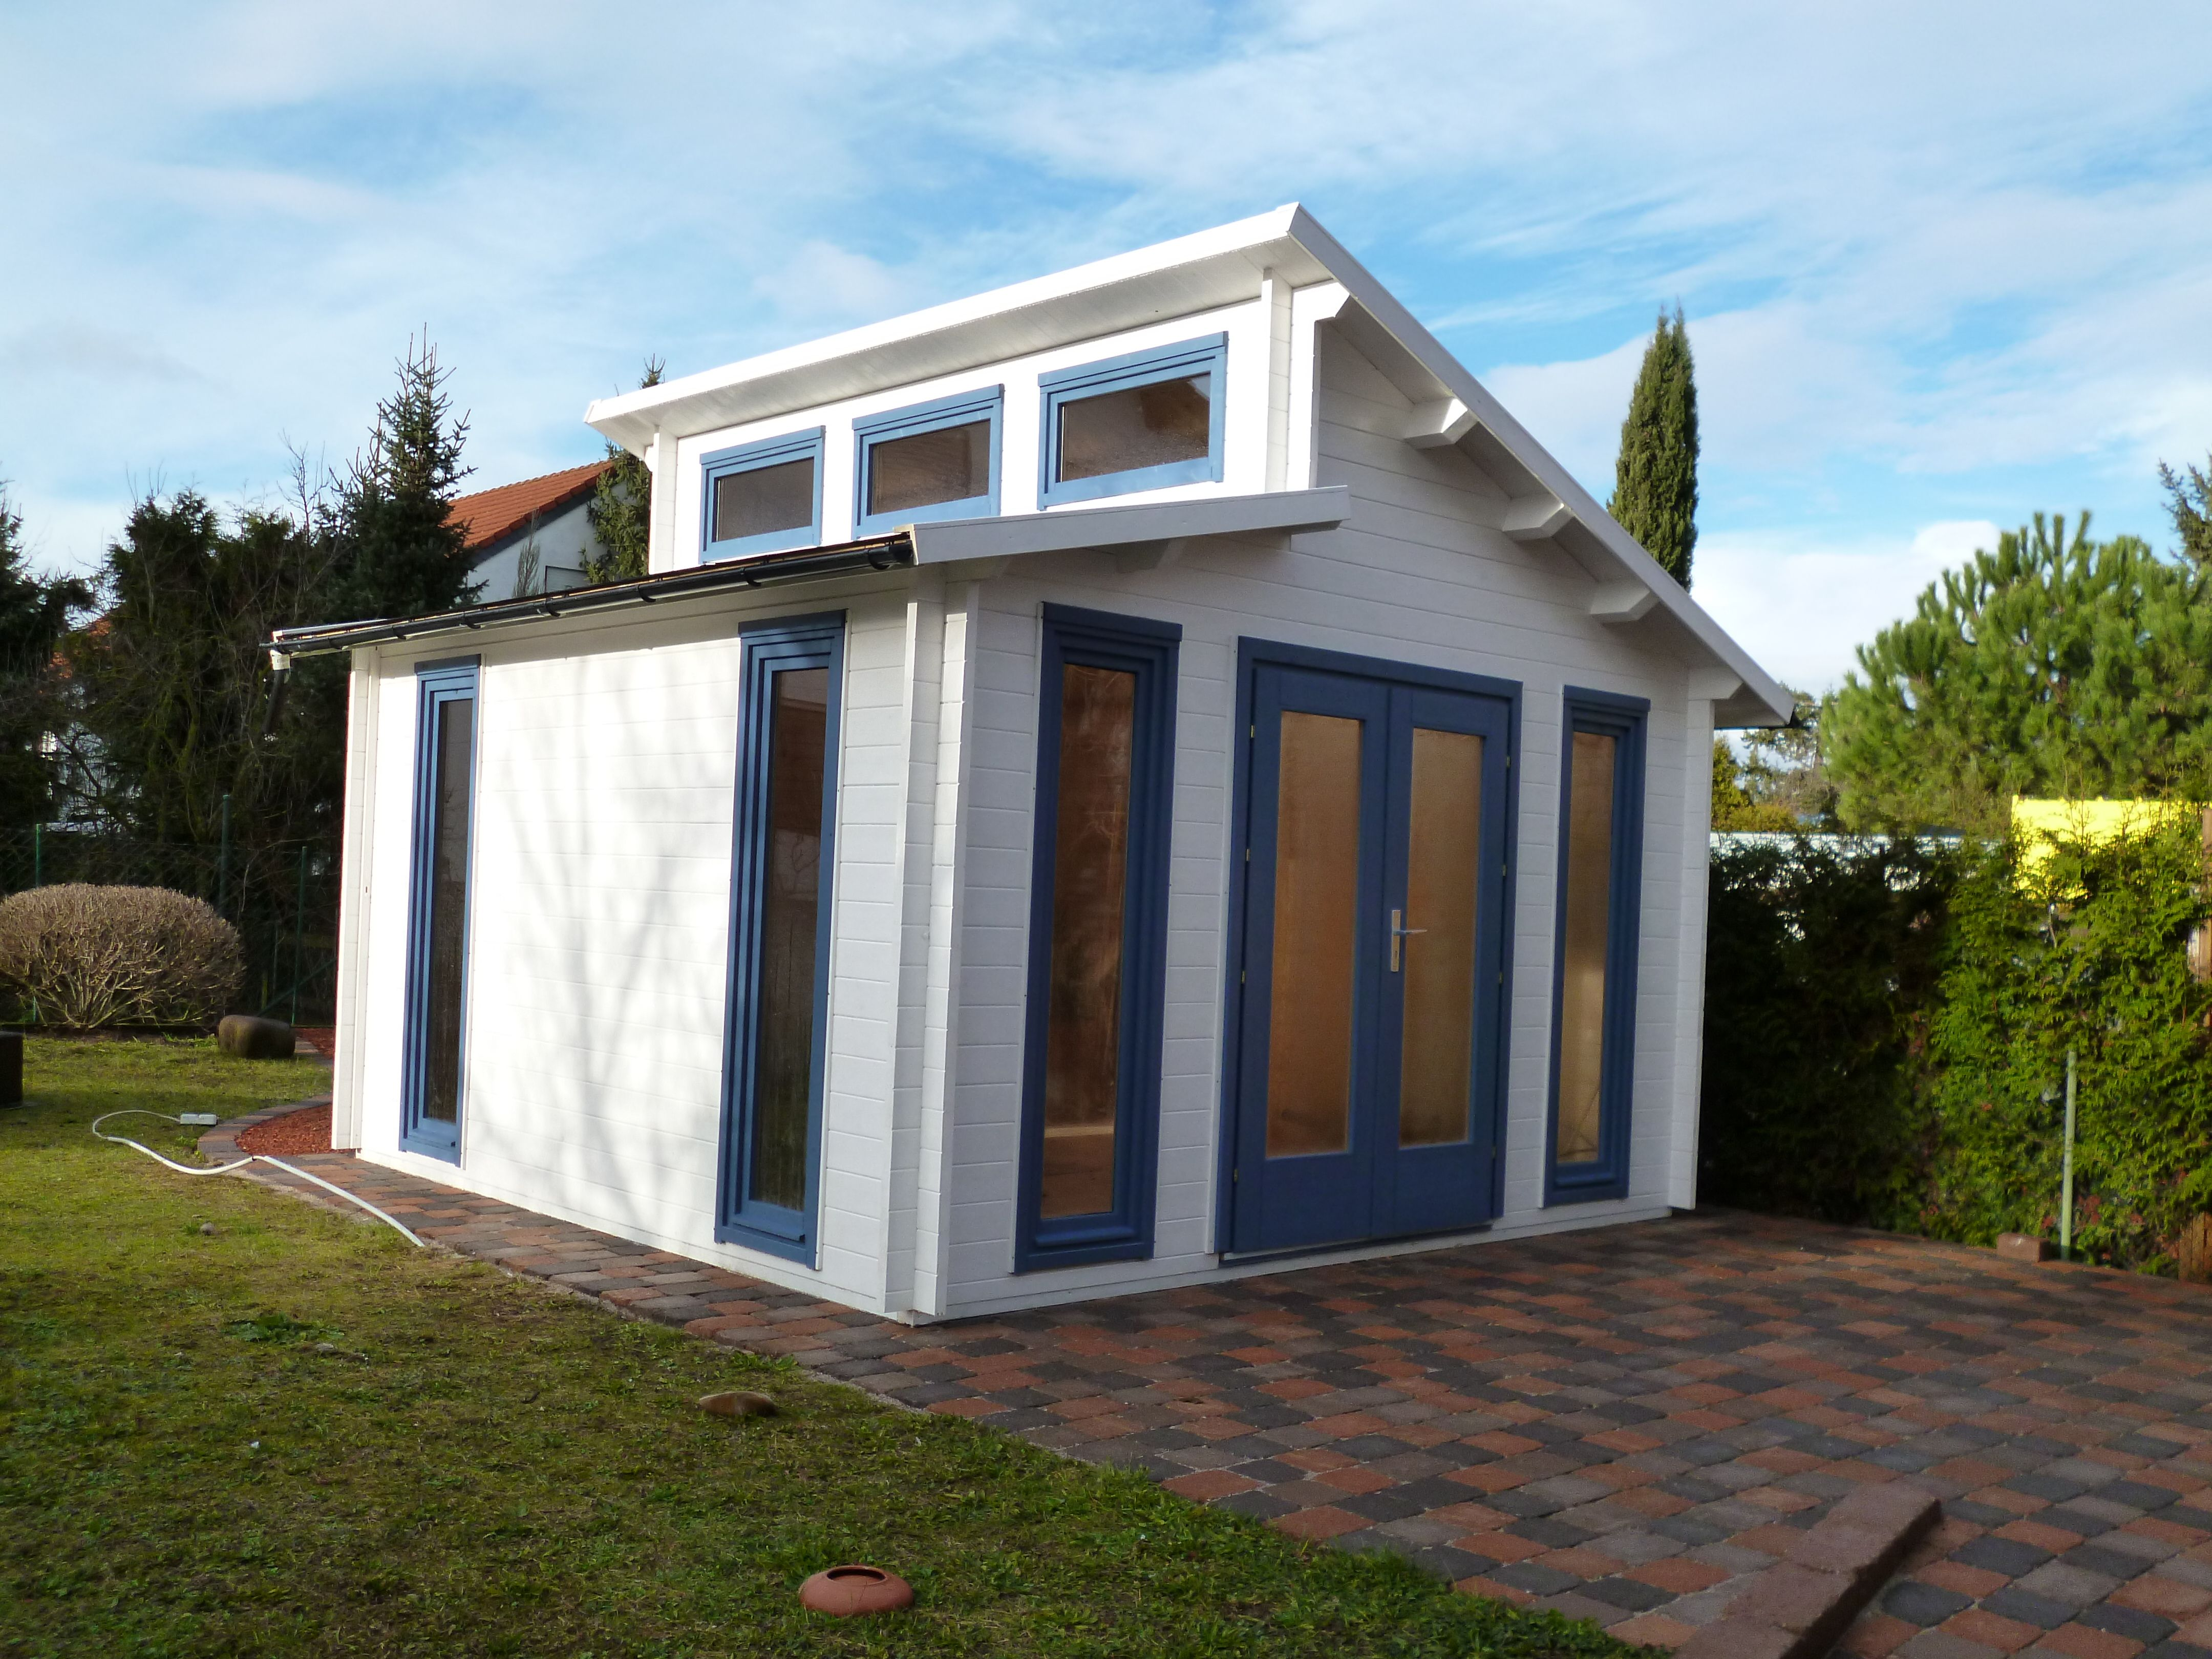 pultdach gartenhaus in wei und taubenblau gartenhaus. Black Bedroom Furniture Sets. Home Design Ideas